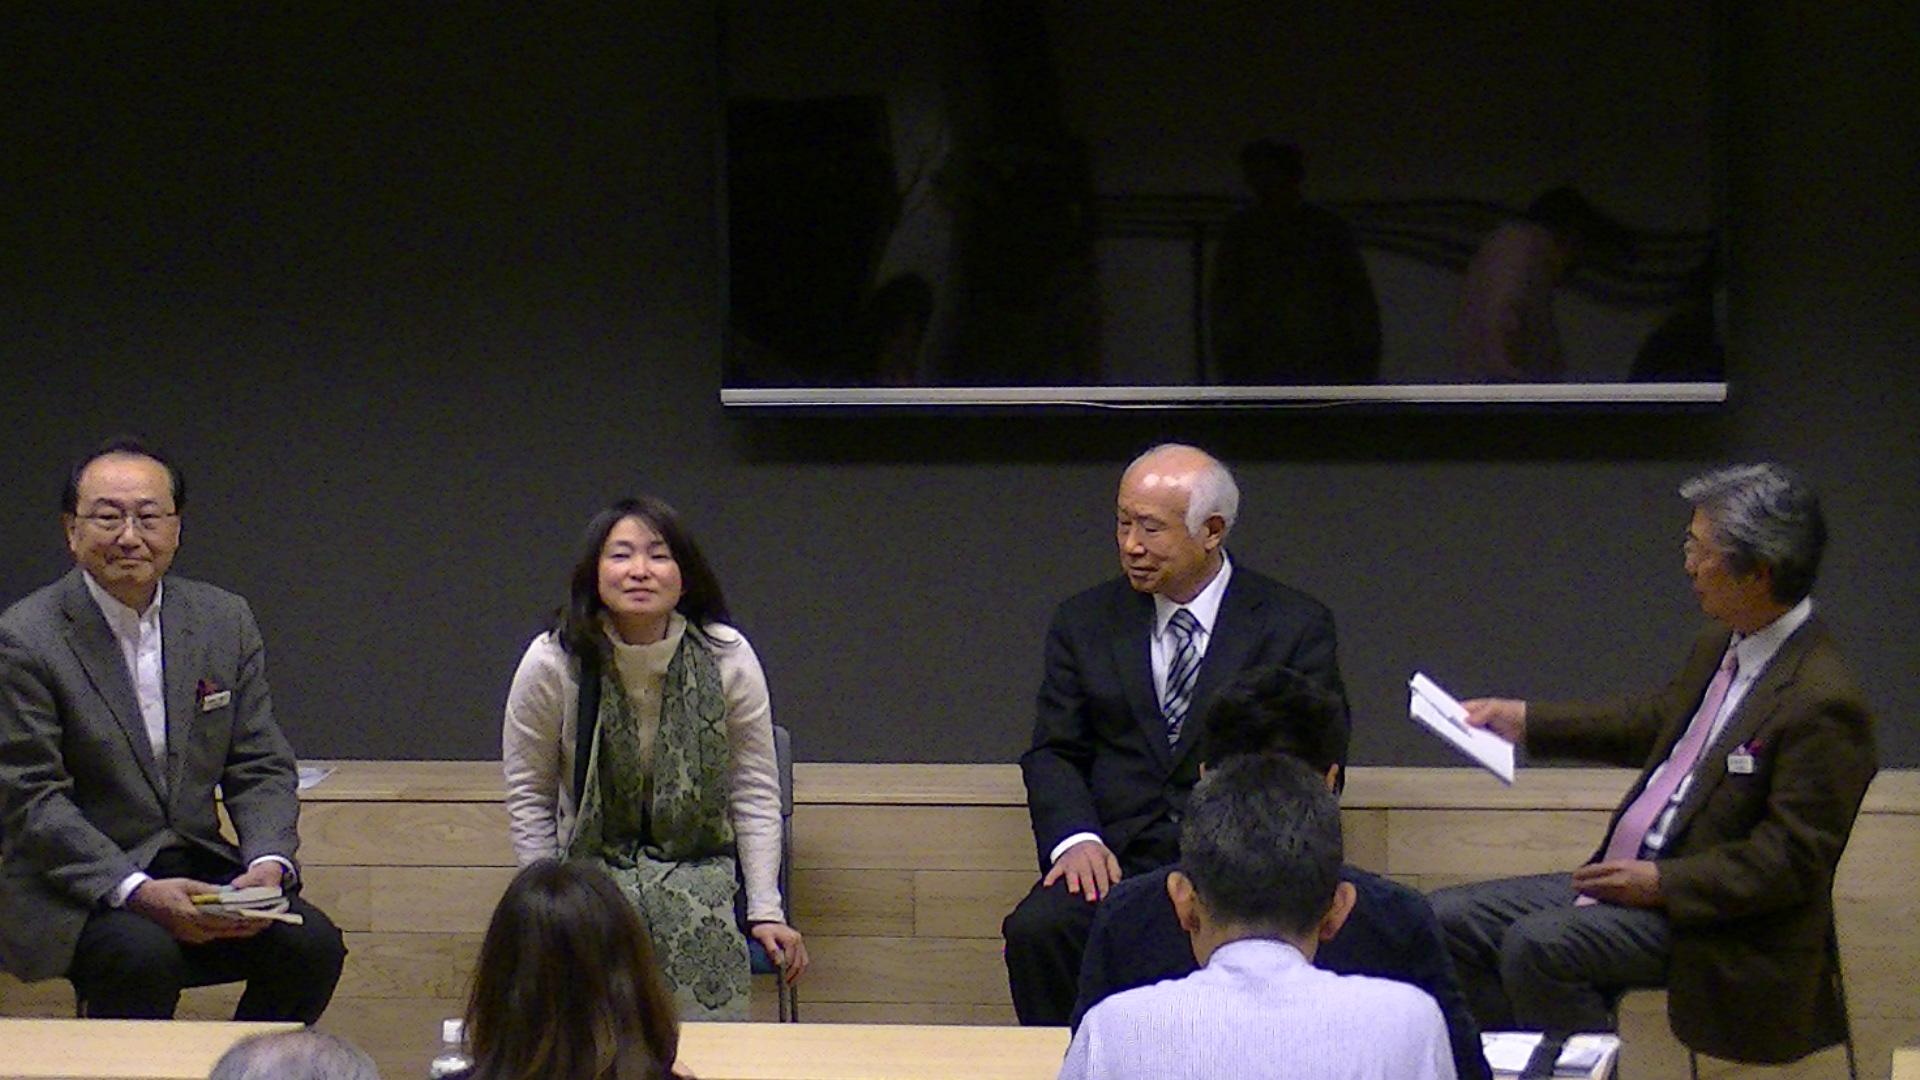 PIC 0538 - 平成30年度 東京思風塾 4月7日(土)「時代が問題をつくり、問題が人物をつくる」